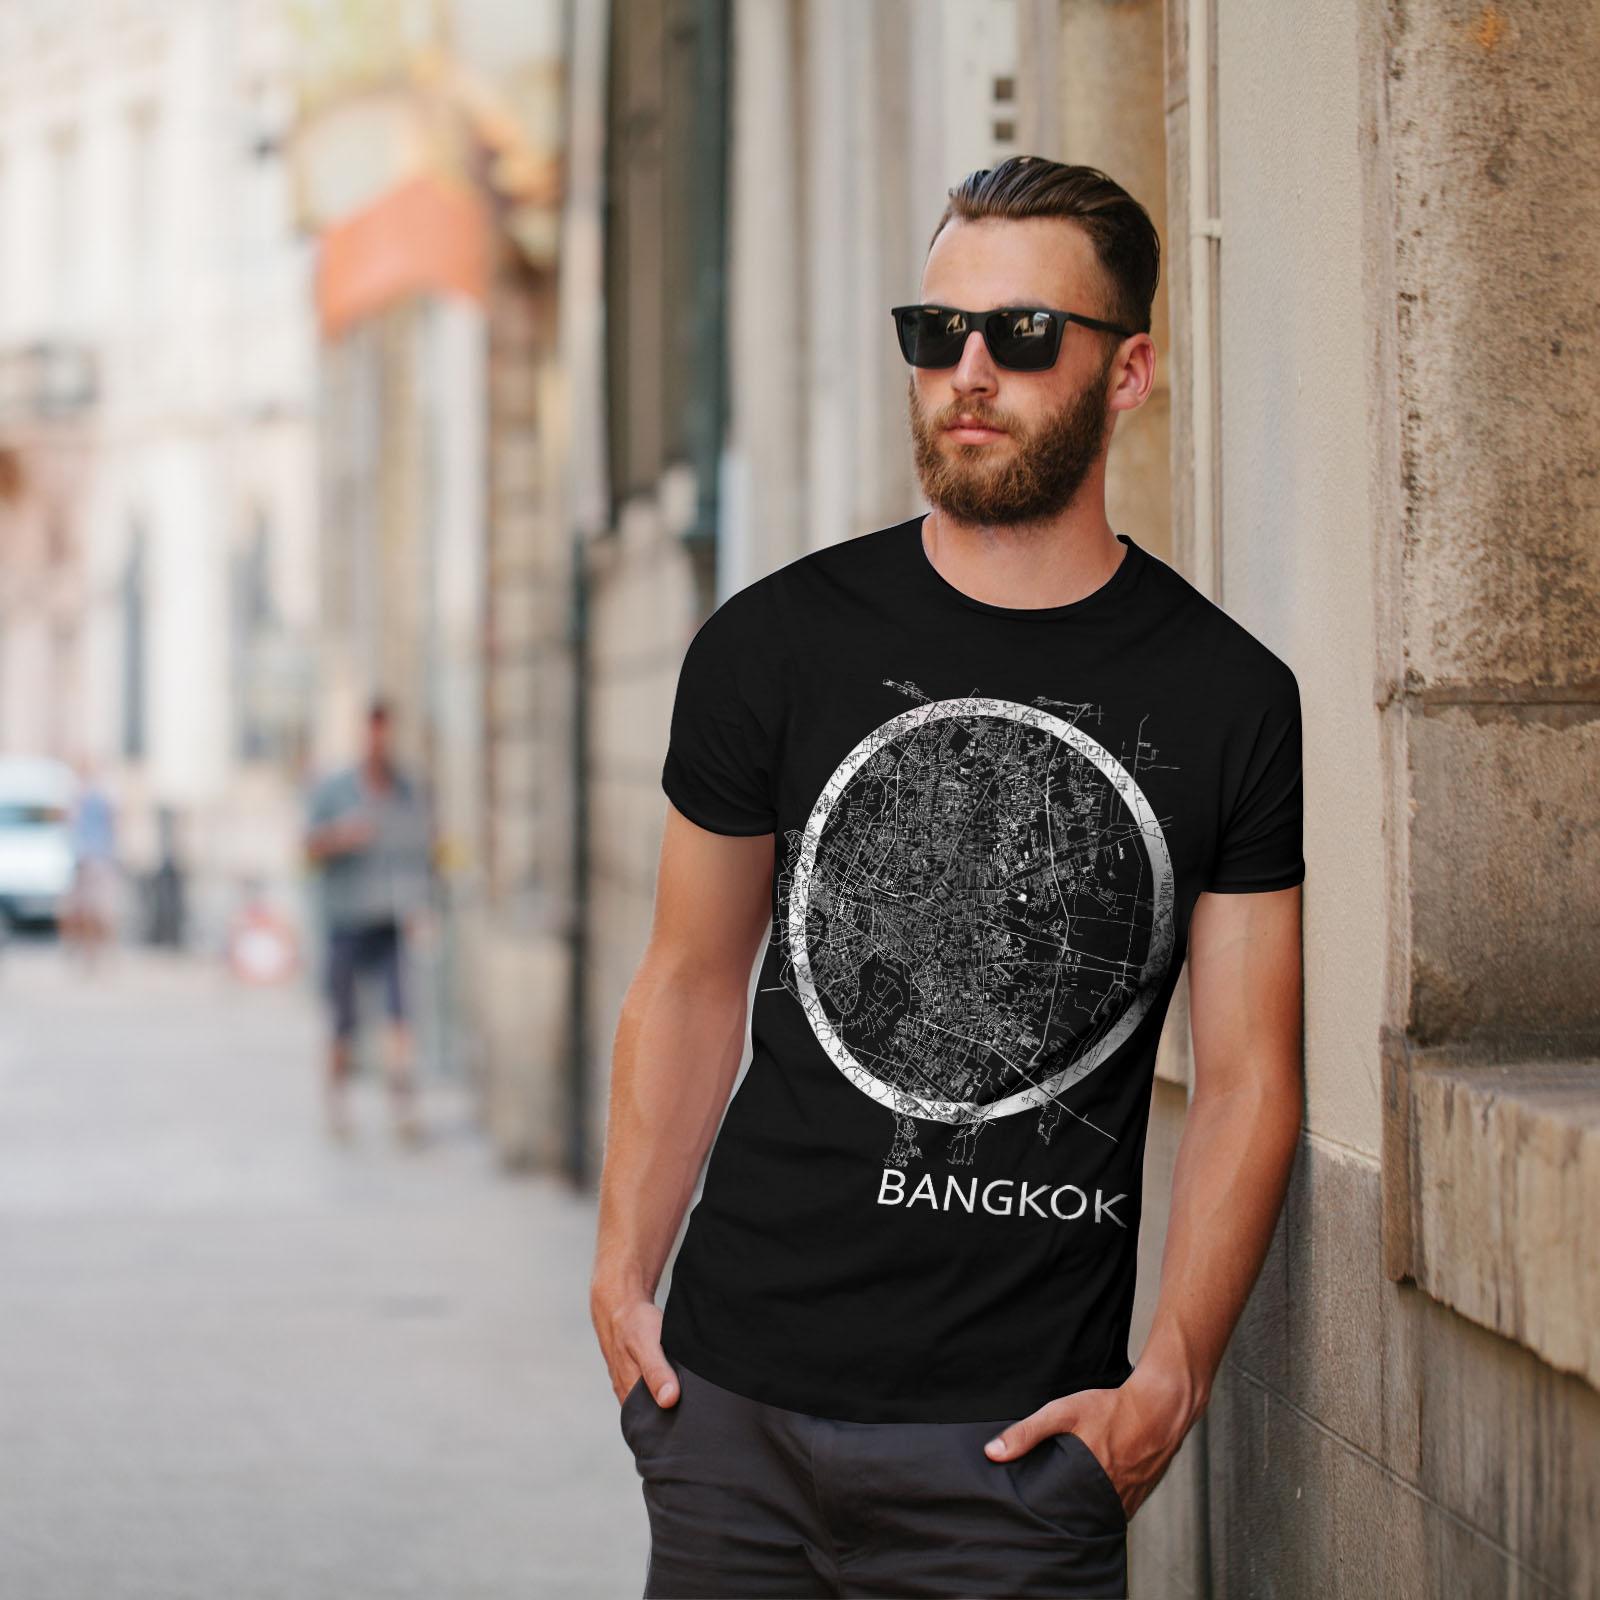 Wellcoda-Thailand-Bangkok-Map-Mens-T-shirt-Big-Graphic-Design-Printed-Tee thumbnail 5